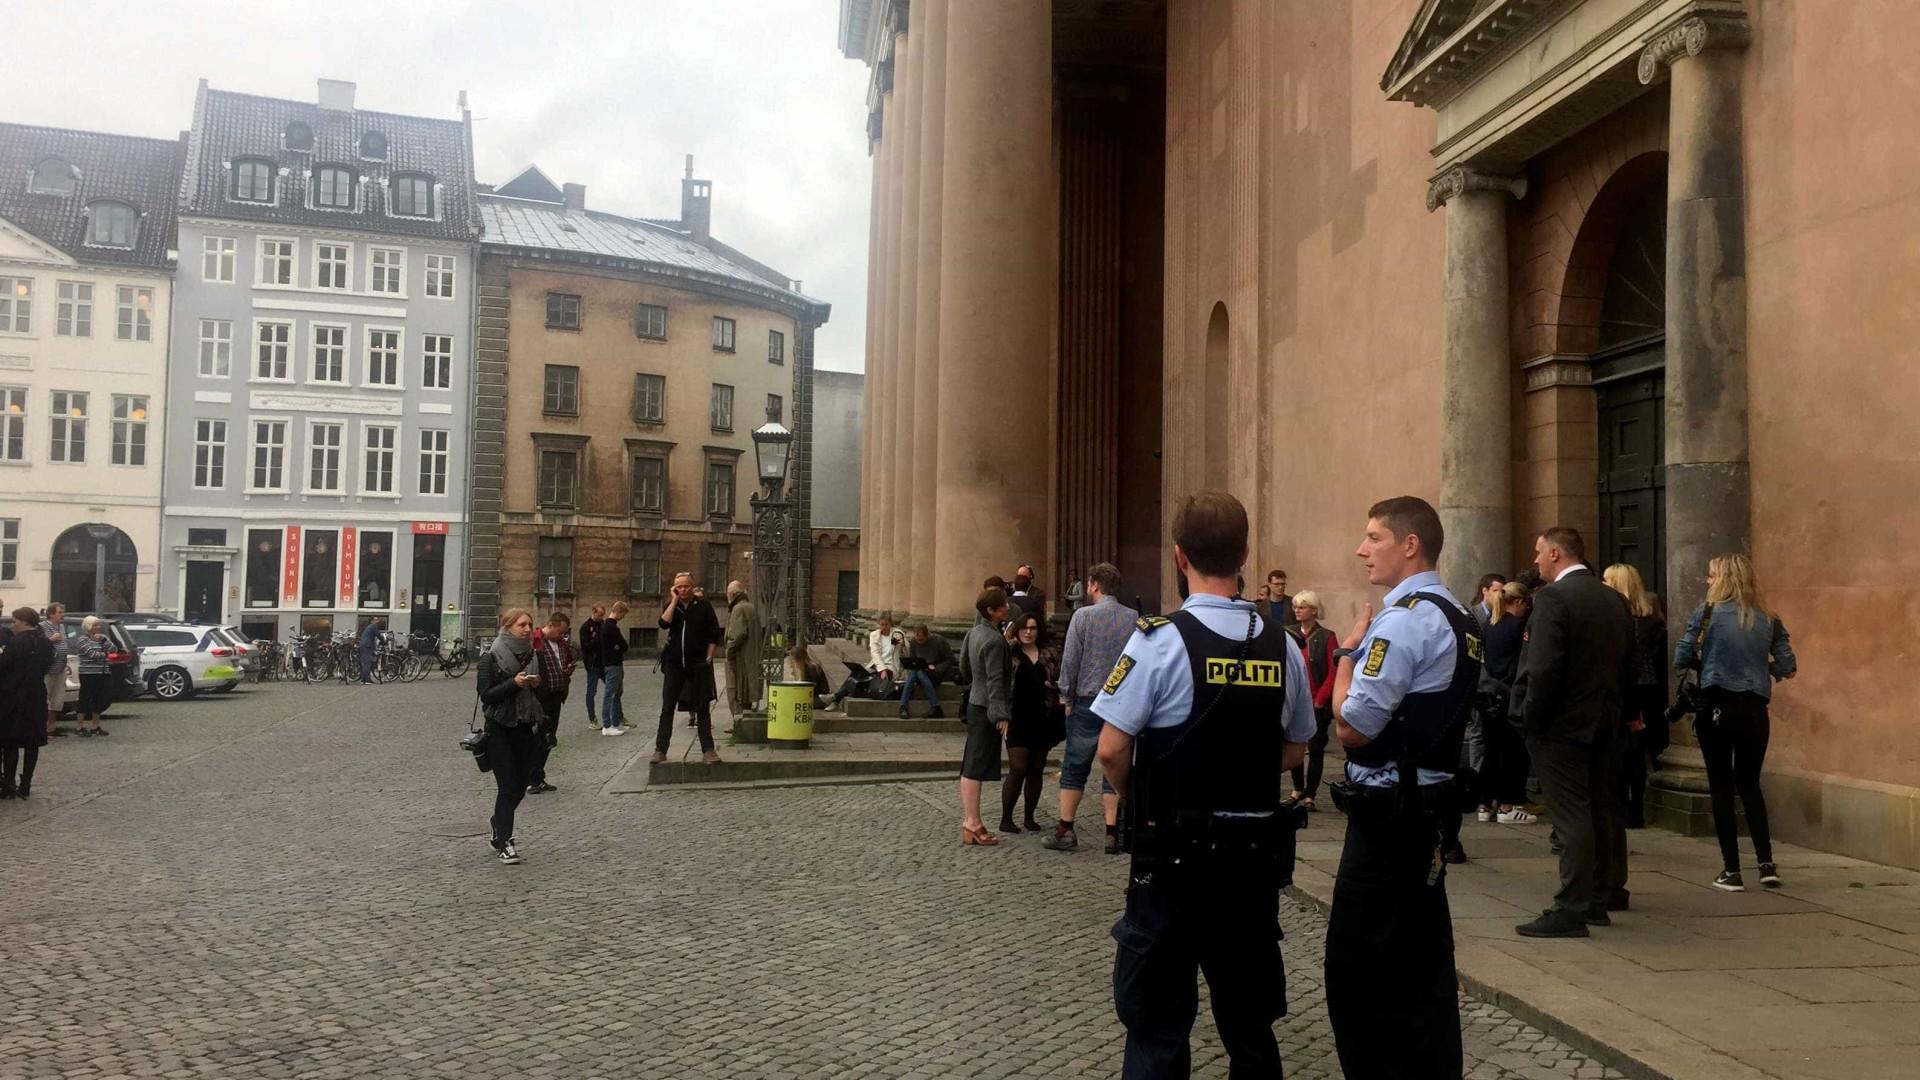 Justiça acusa mais de mil jovens por partilharem vídeo de sexo — Dinamarca